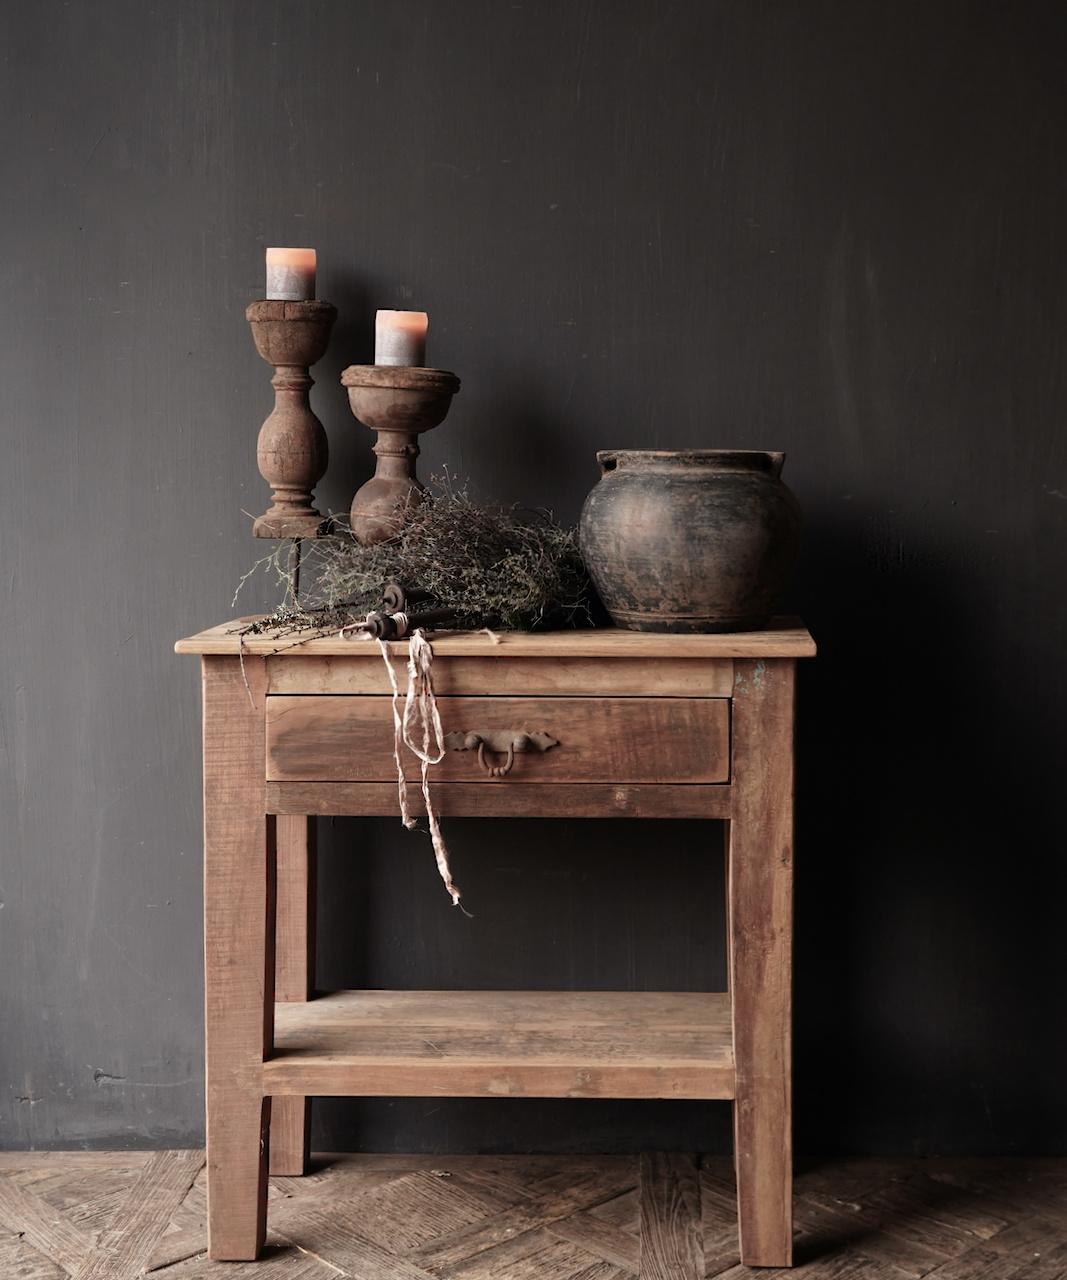 Stoer Robuust oud houten Sidetable oftewel muurtafel met een lade-1